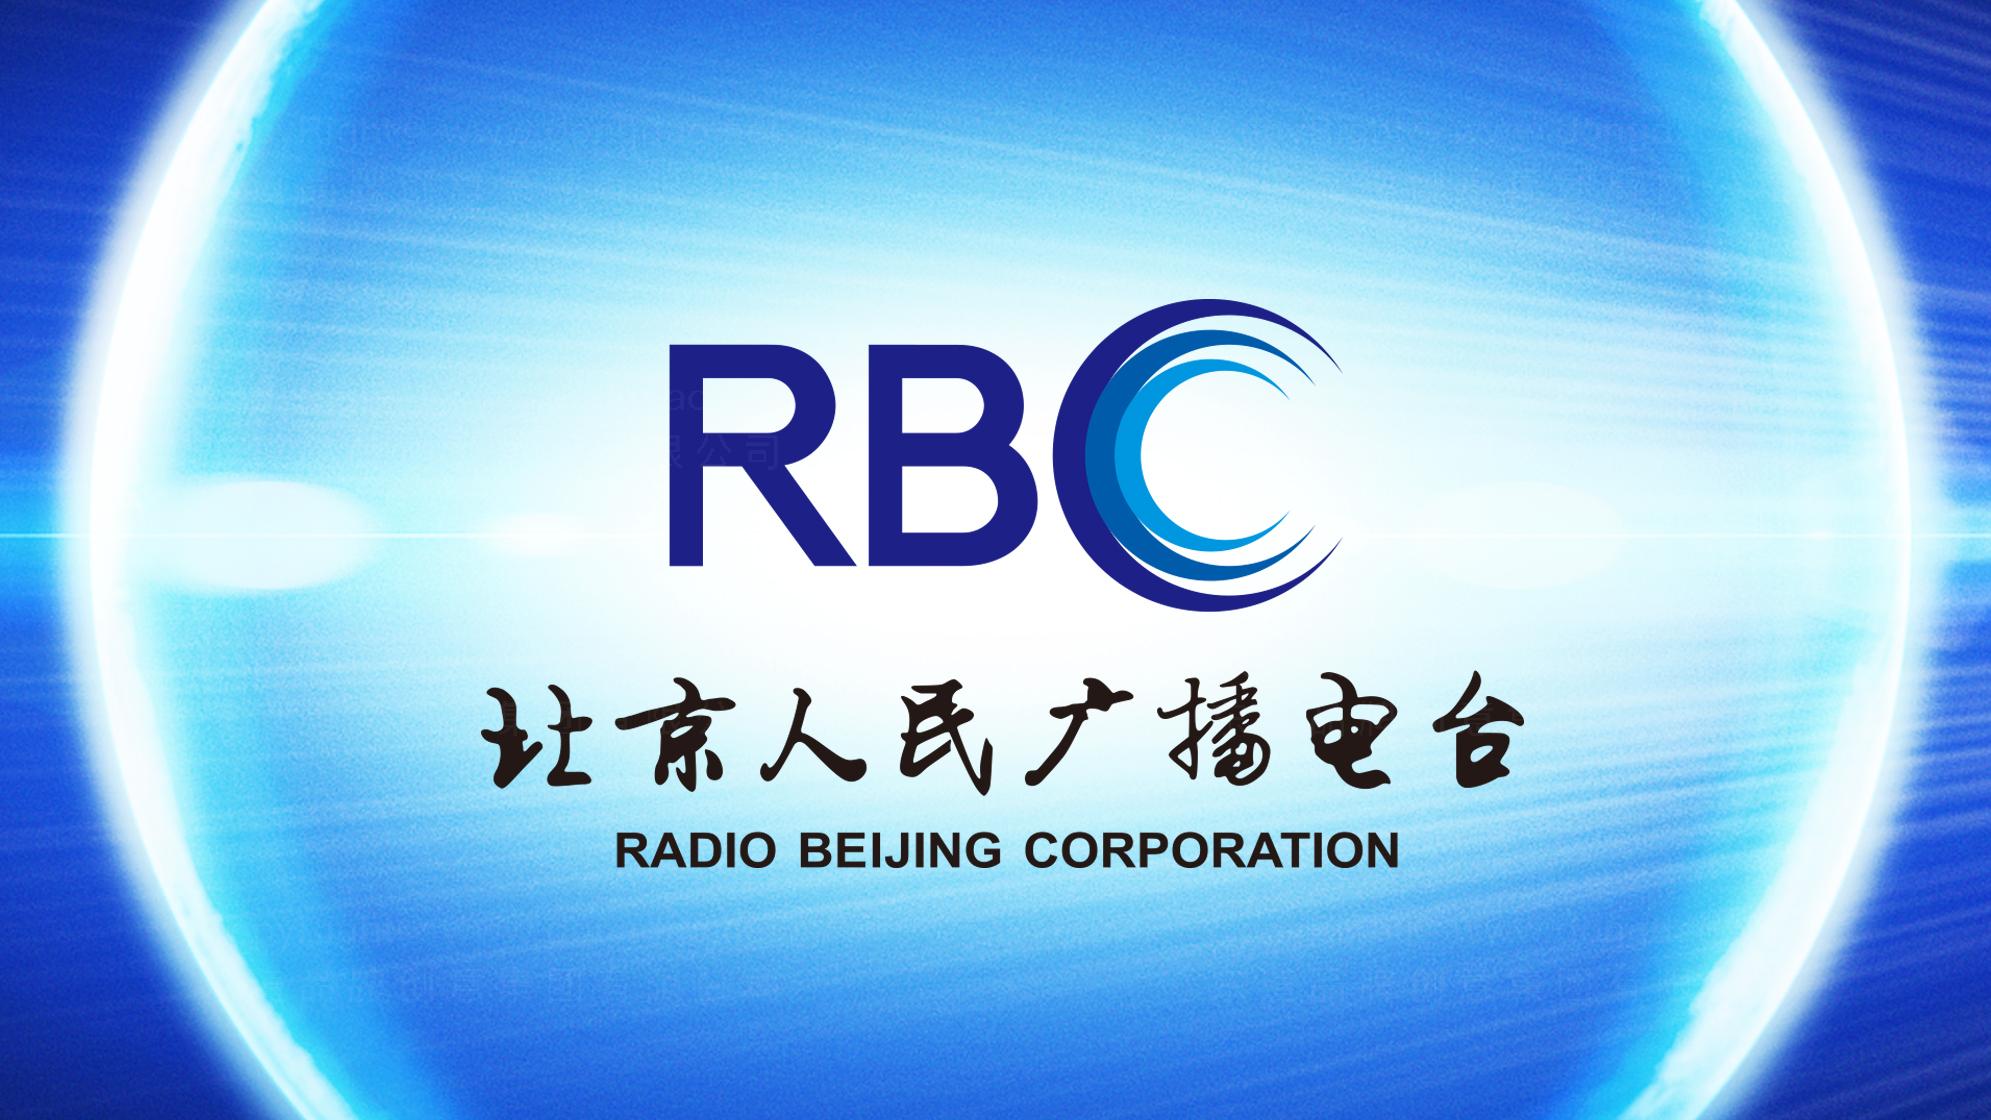 文体娱媒品牌设计北京人民广播电台LOGO设计